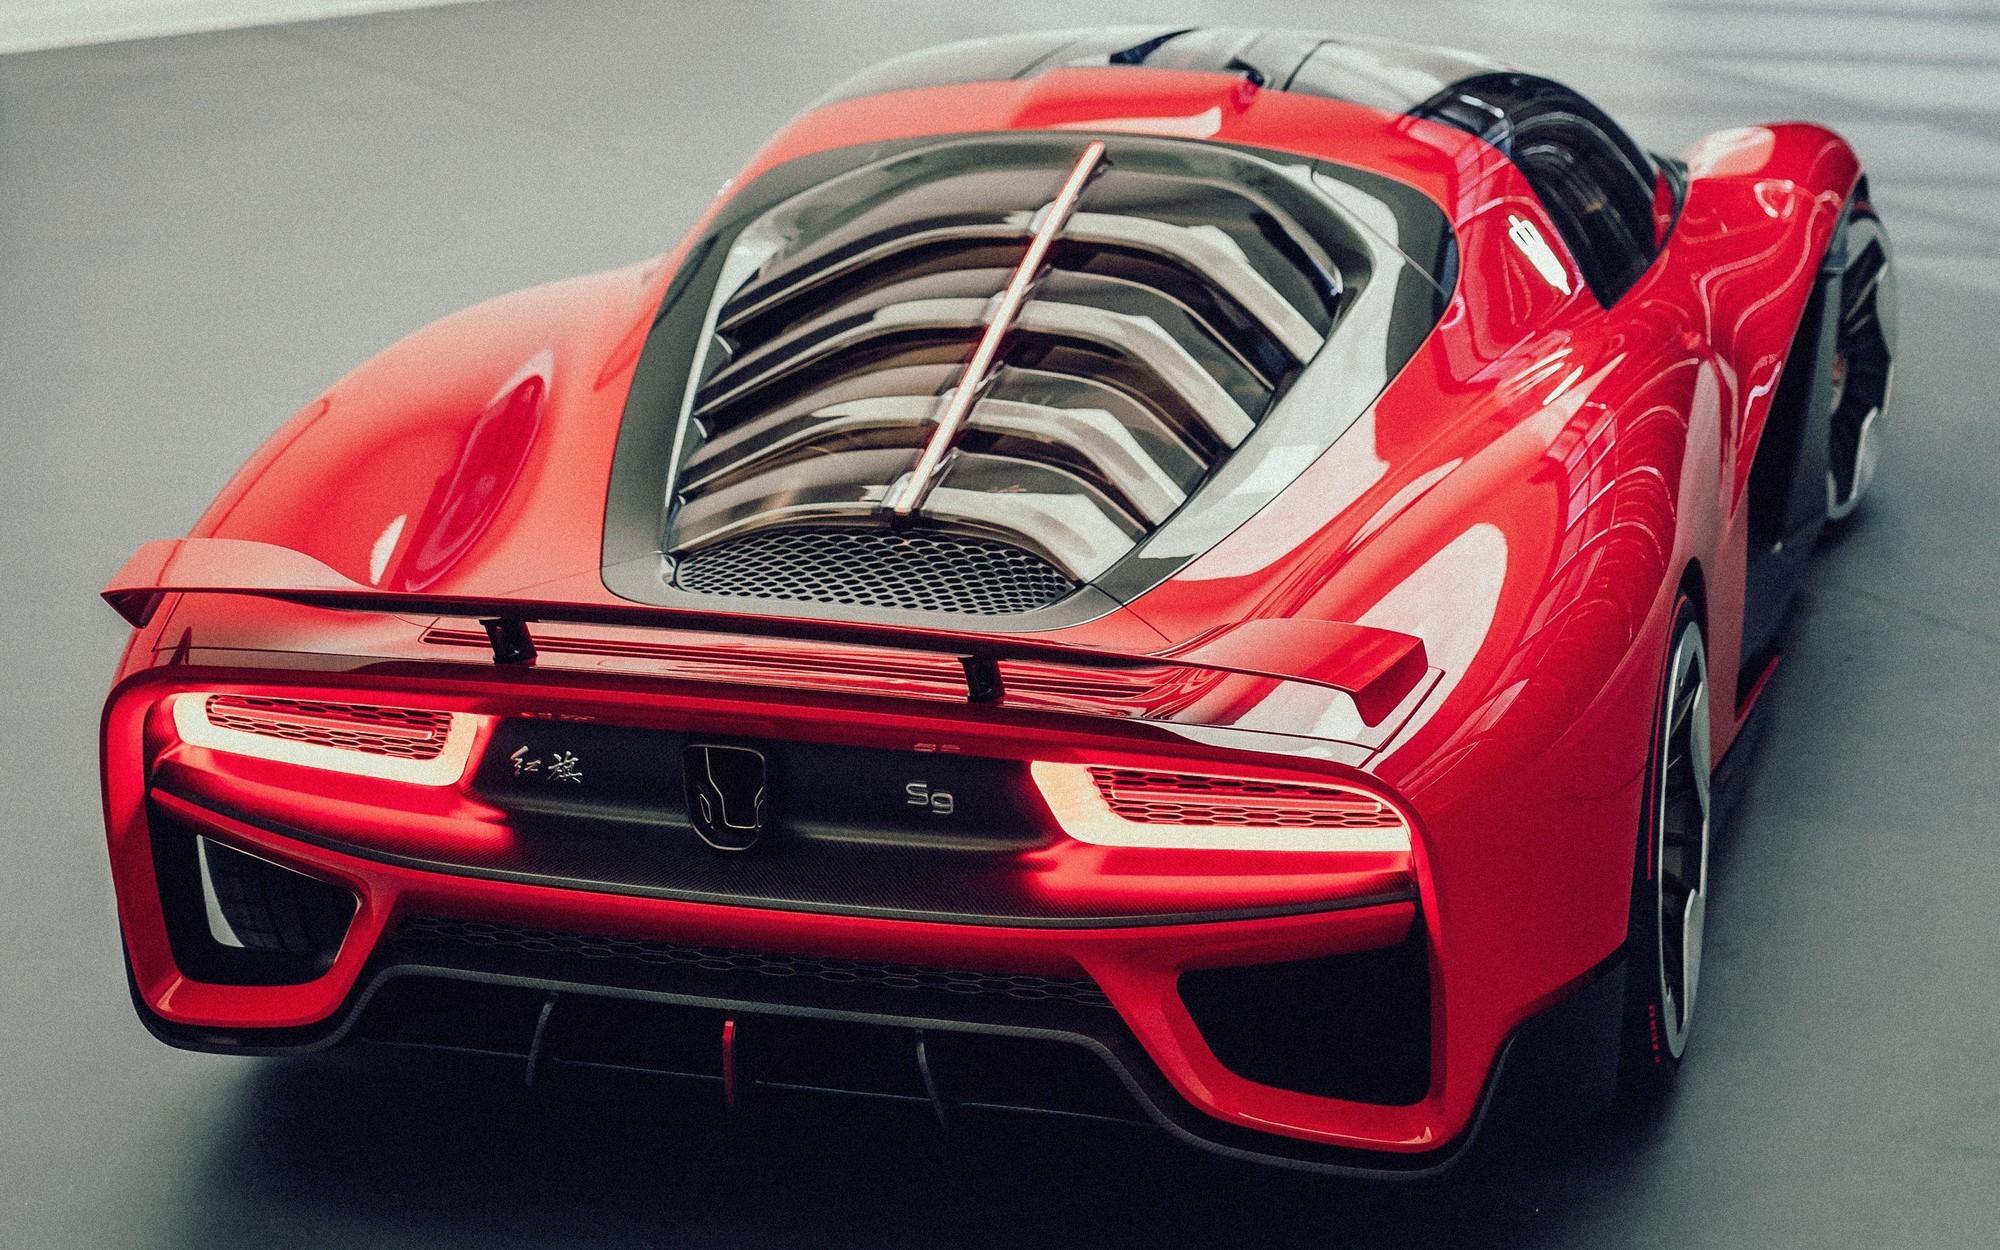 Вальтер де Сильва облагородил дизайн китайского суперкара Hongqi S9 и нарисует ещё три